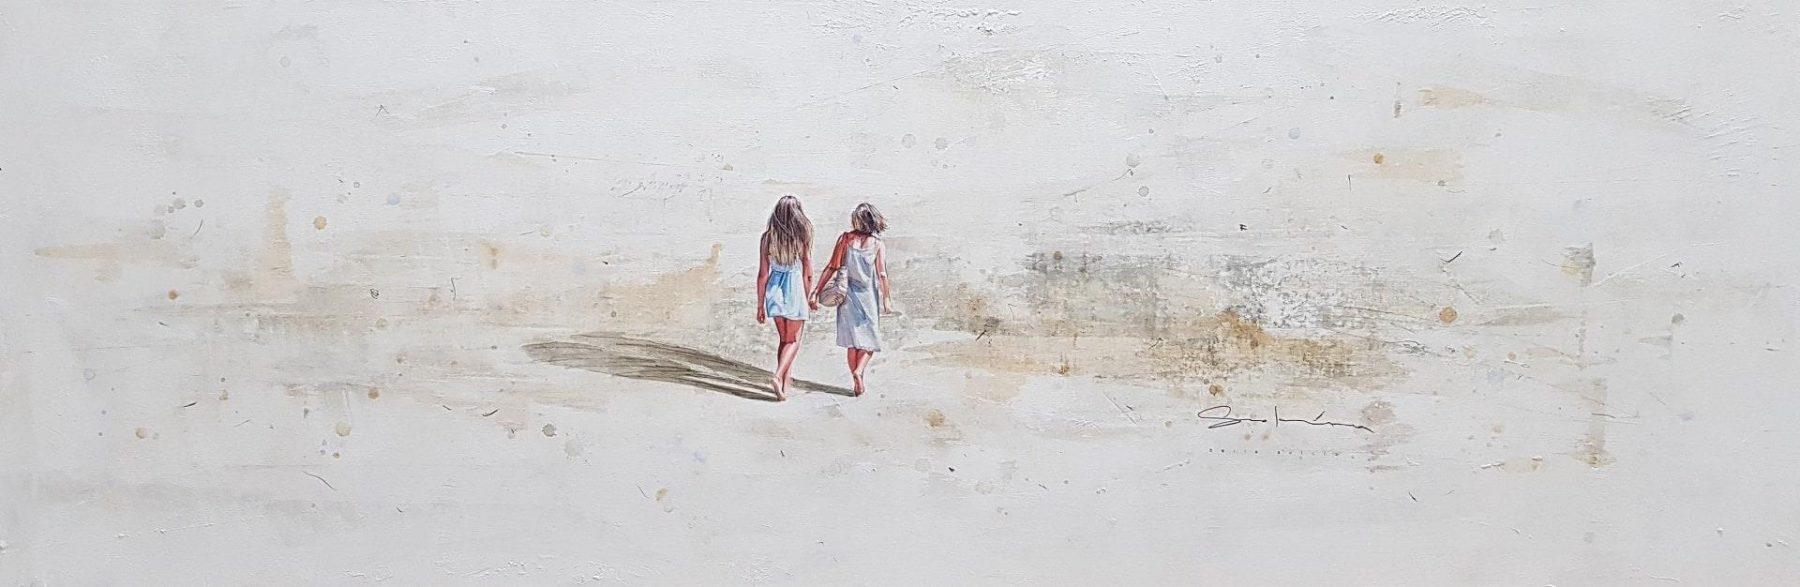 medre e hija en la playa - Solana, Berta - k-2007SOL2